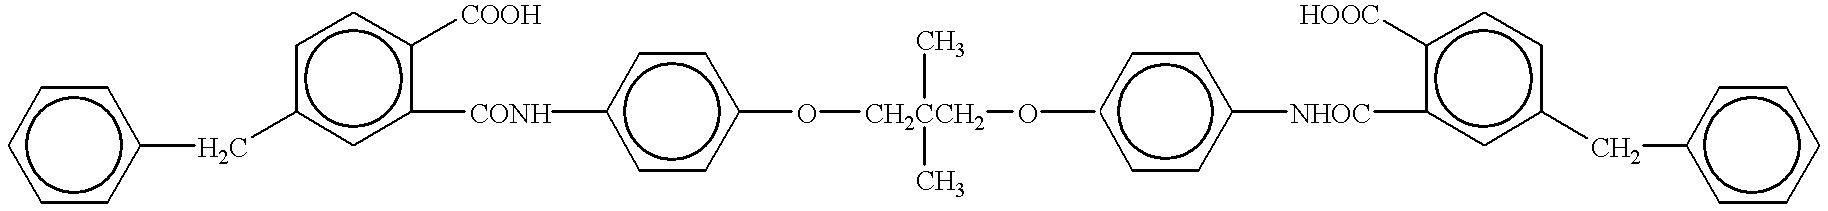 Figure US06180560-20010130-C00459